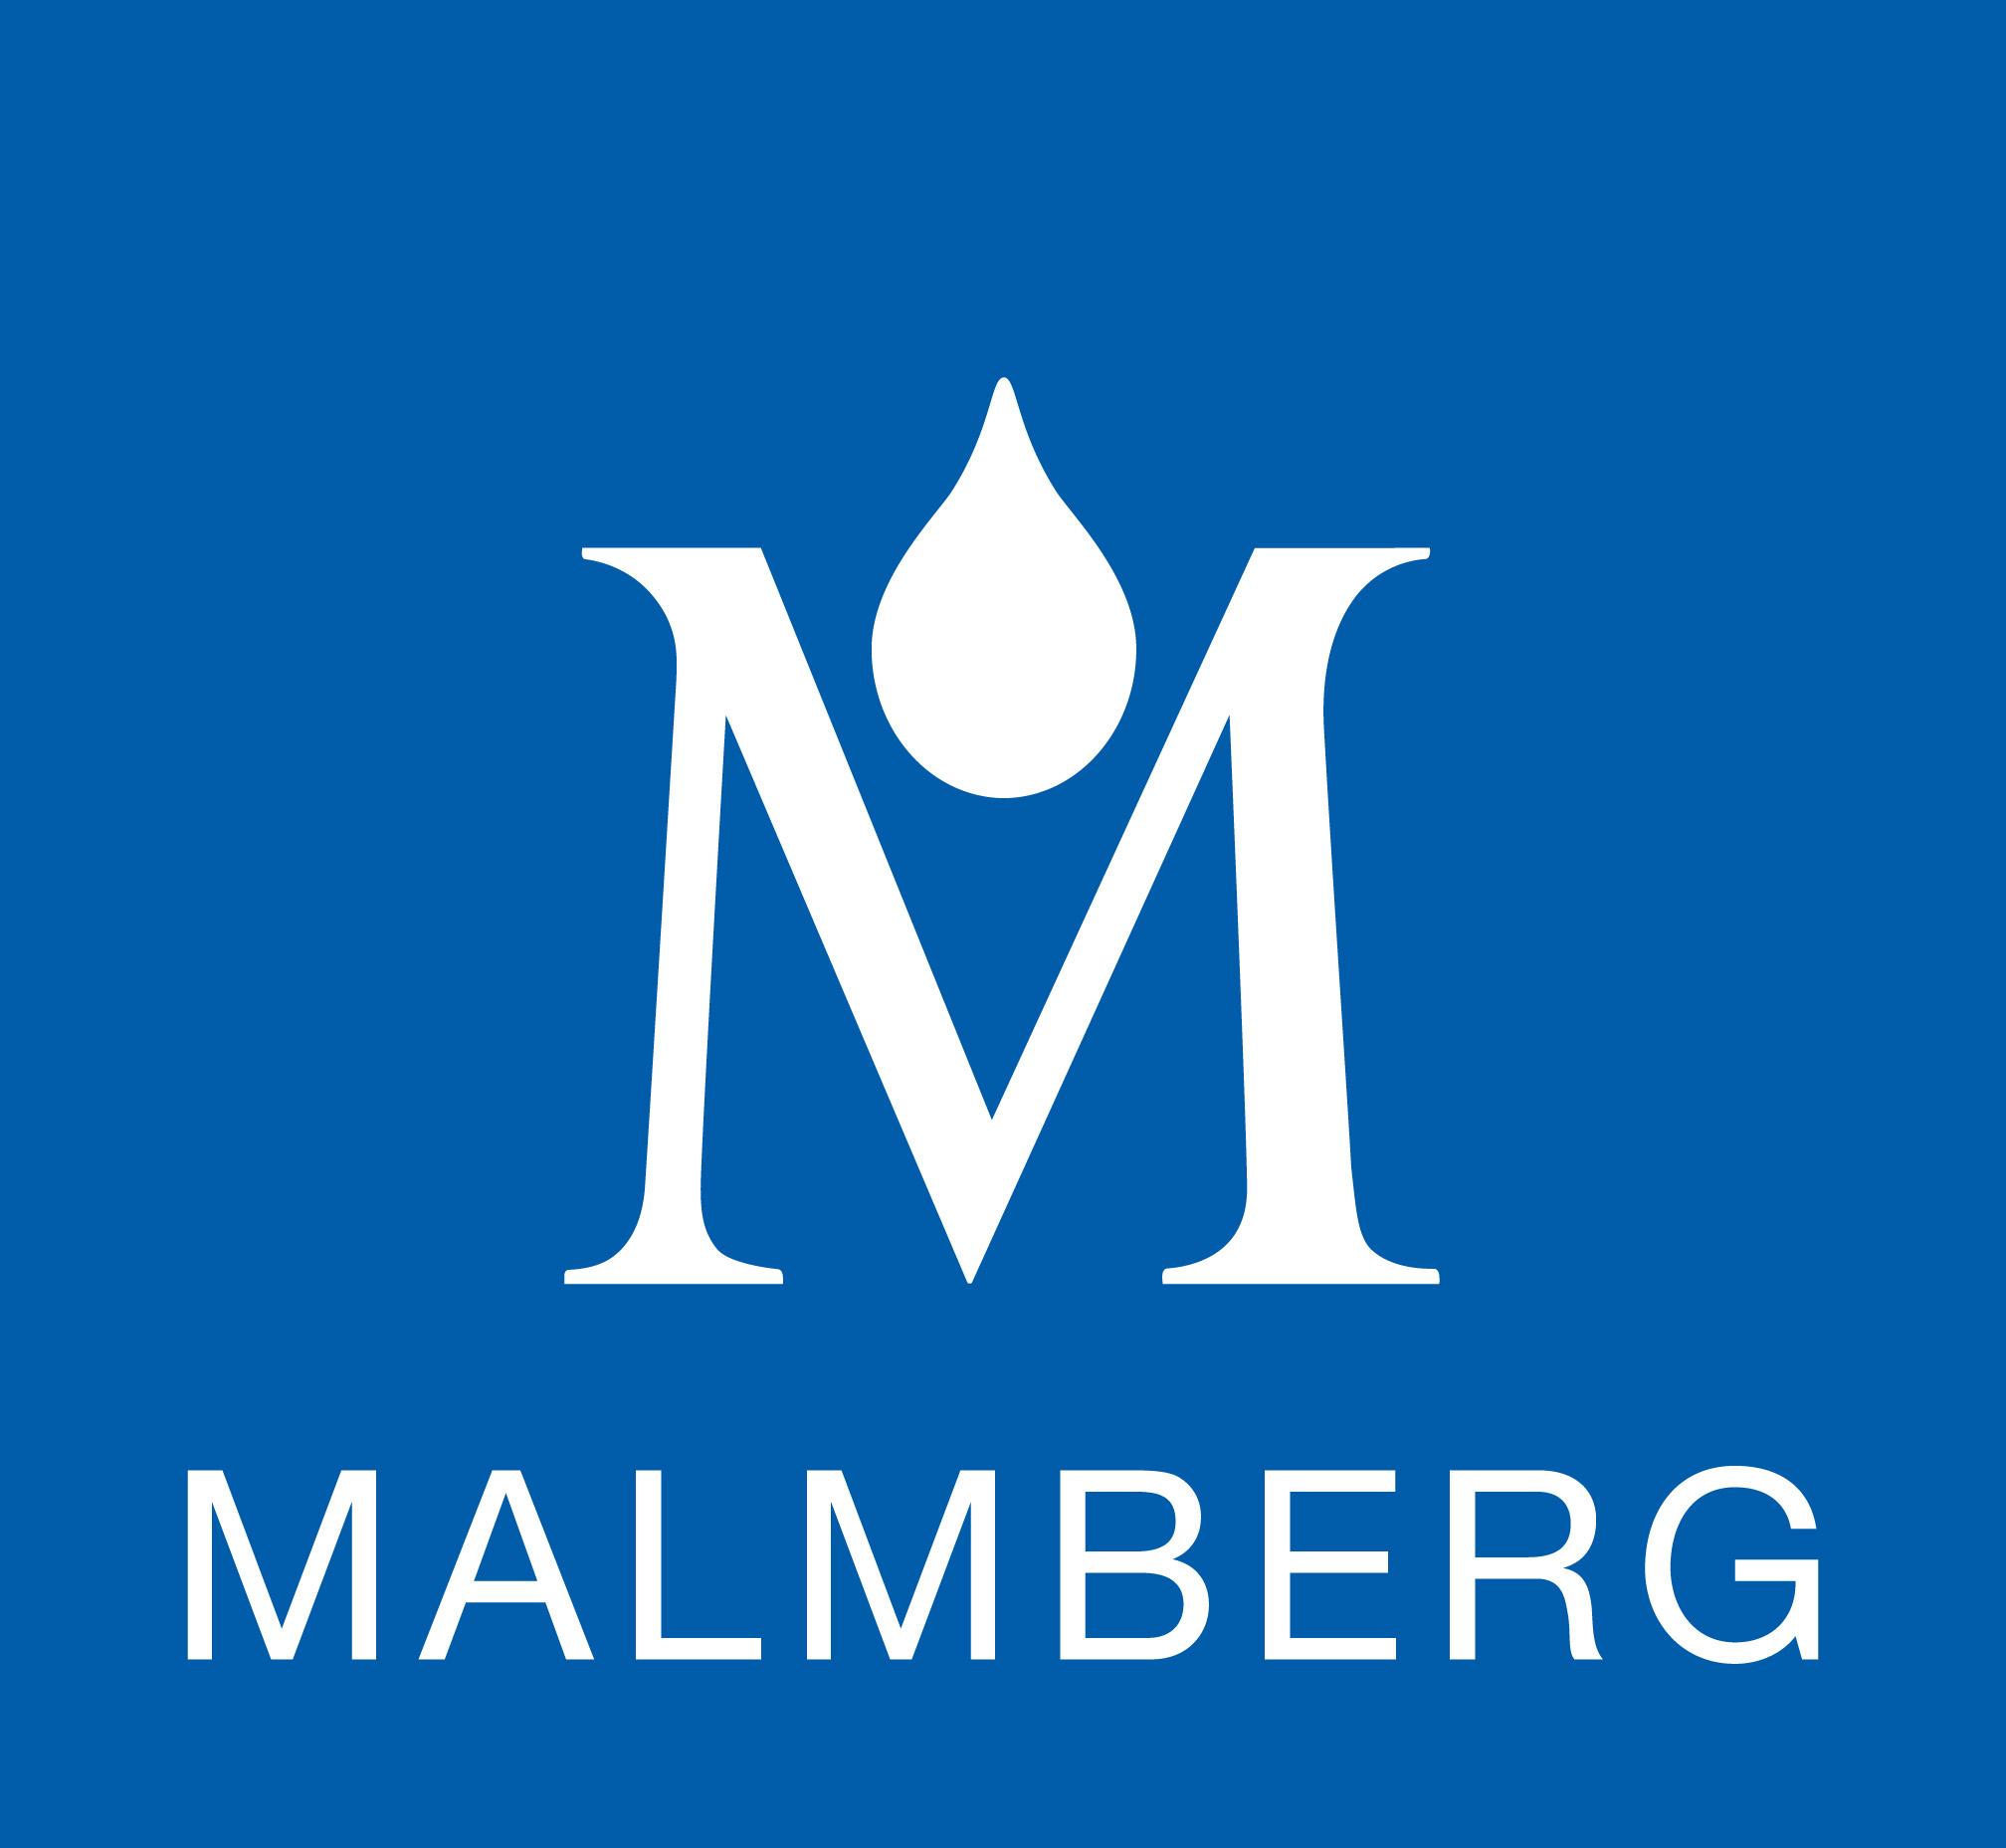 Malmberg